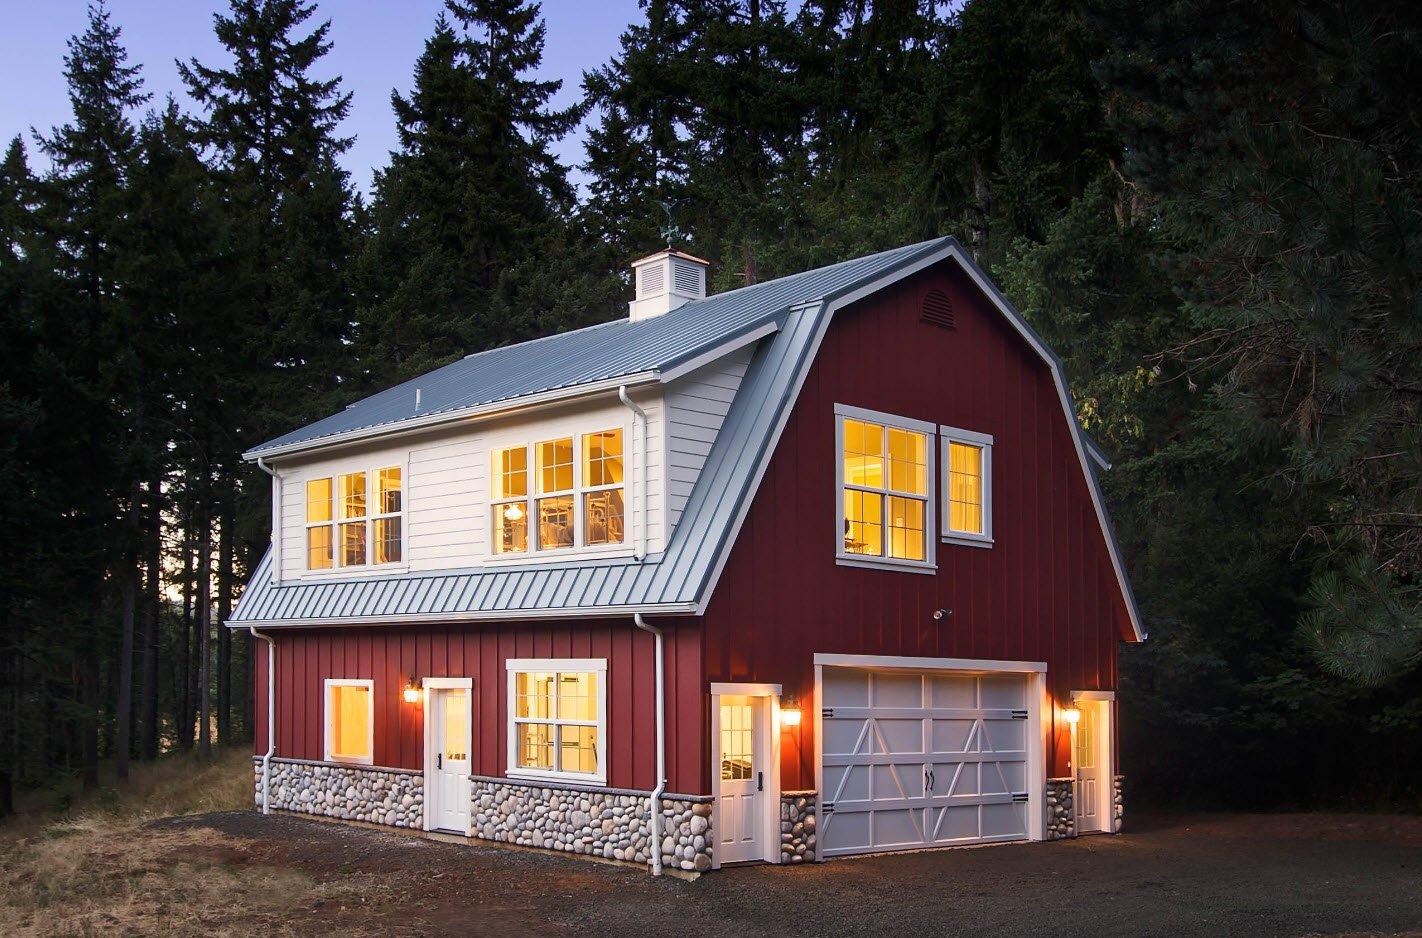 этого, крыша для загородного дома в картинках образом удастся